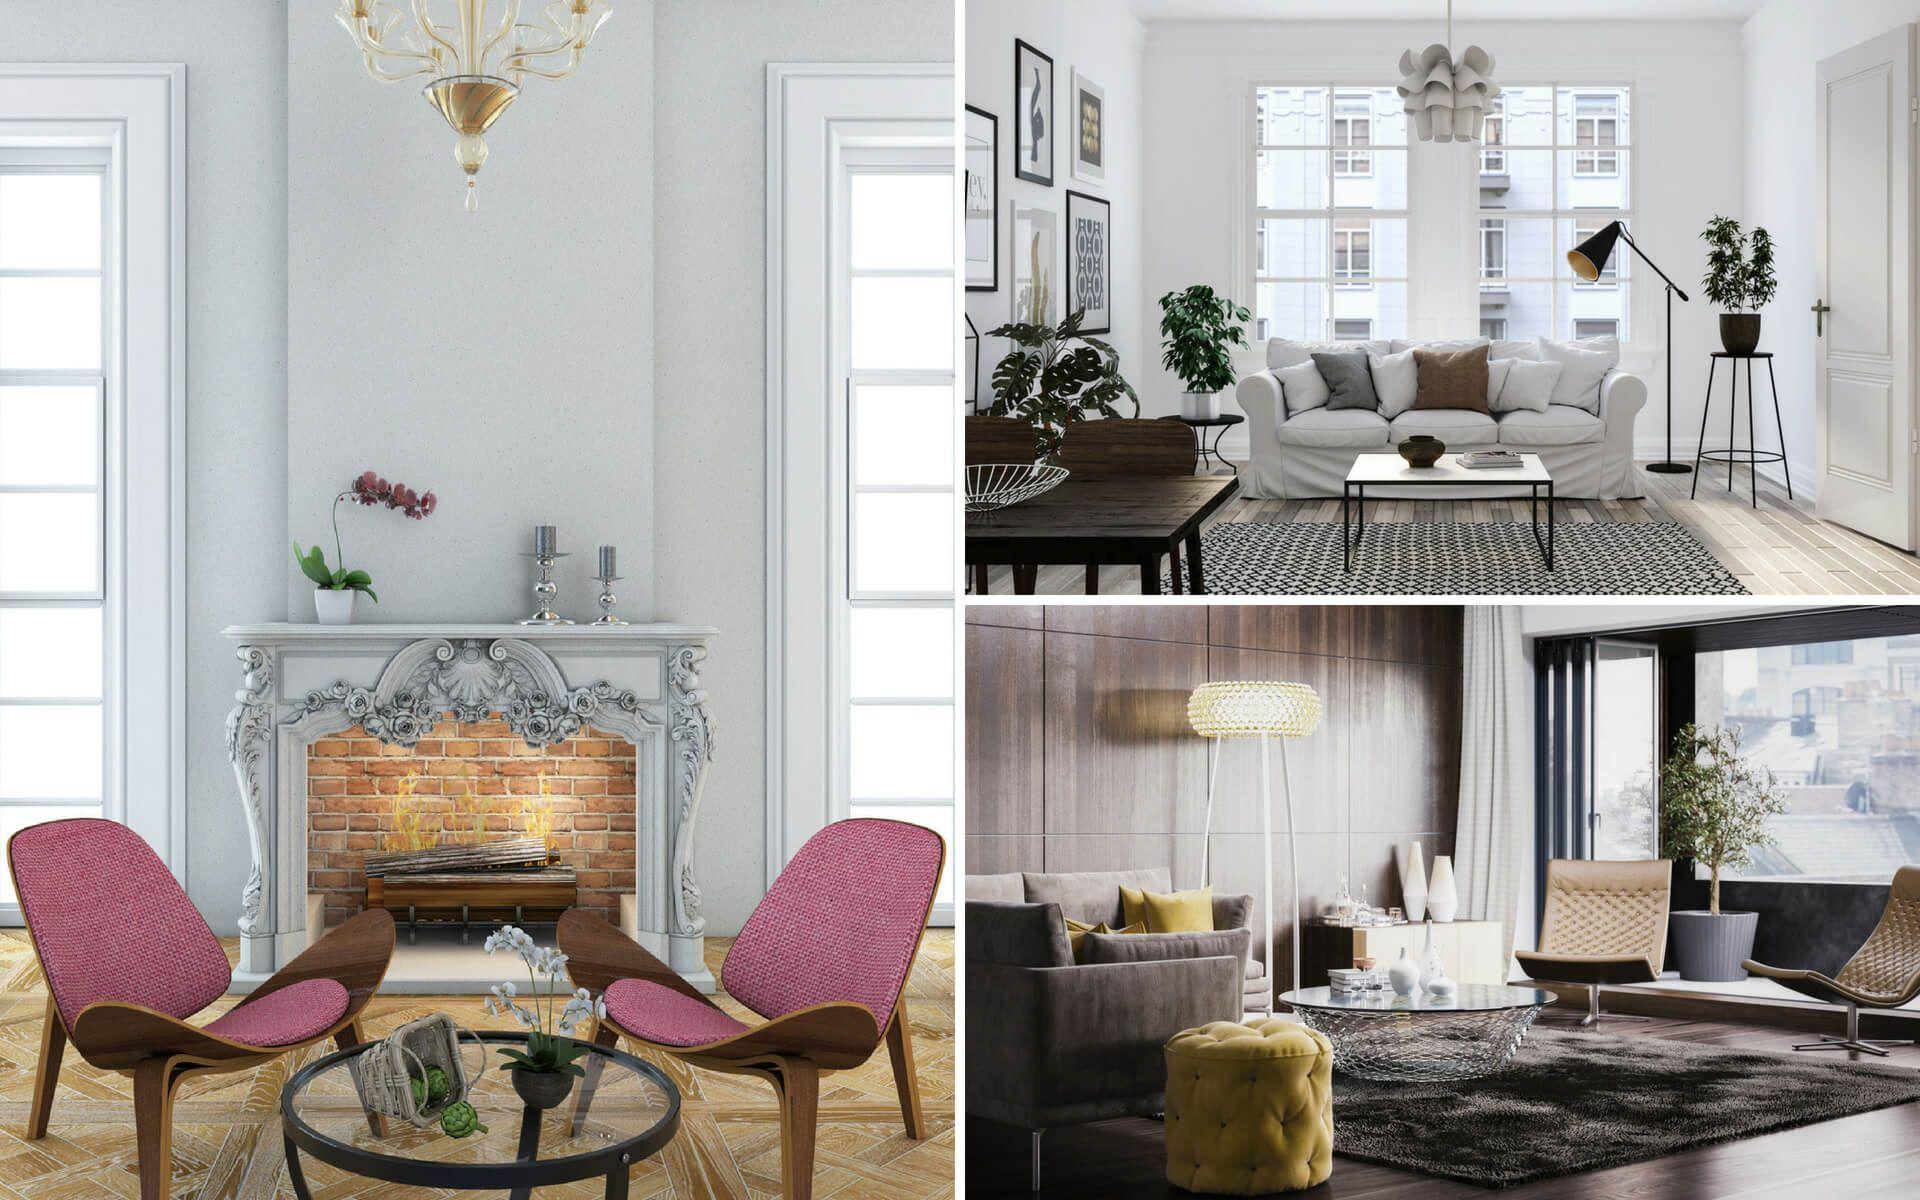 Le Tendenze Piu Cool Per Arredare Casa Con Immagini